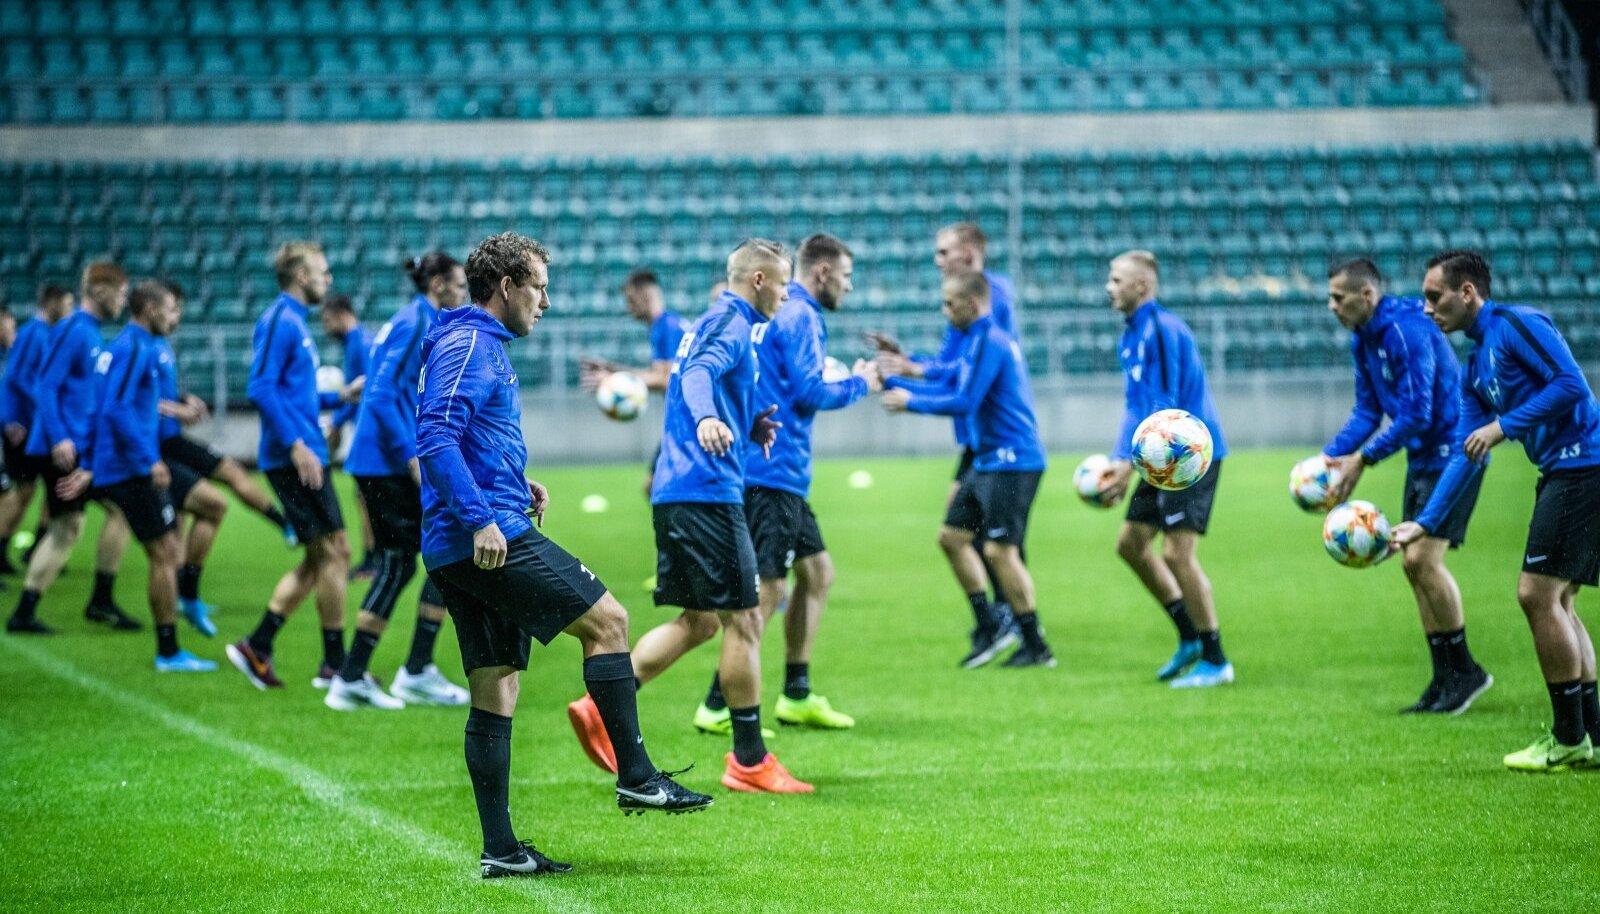 Eesti jalgpallikoondis kogunes viimati eelmisel sügisel. Esmaspäeval tullakse üle pika aja taas kokku.